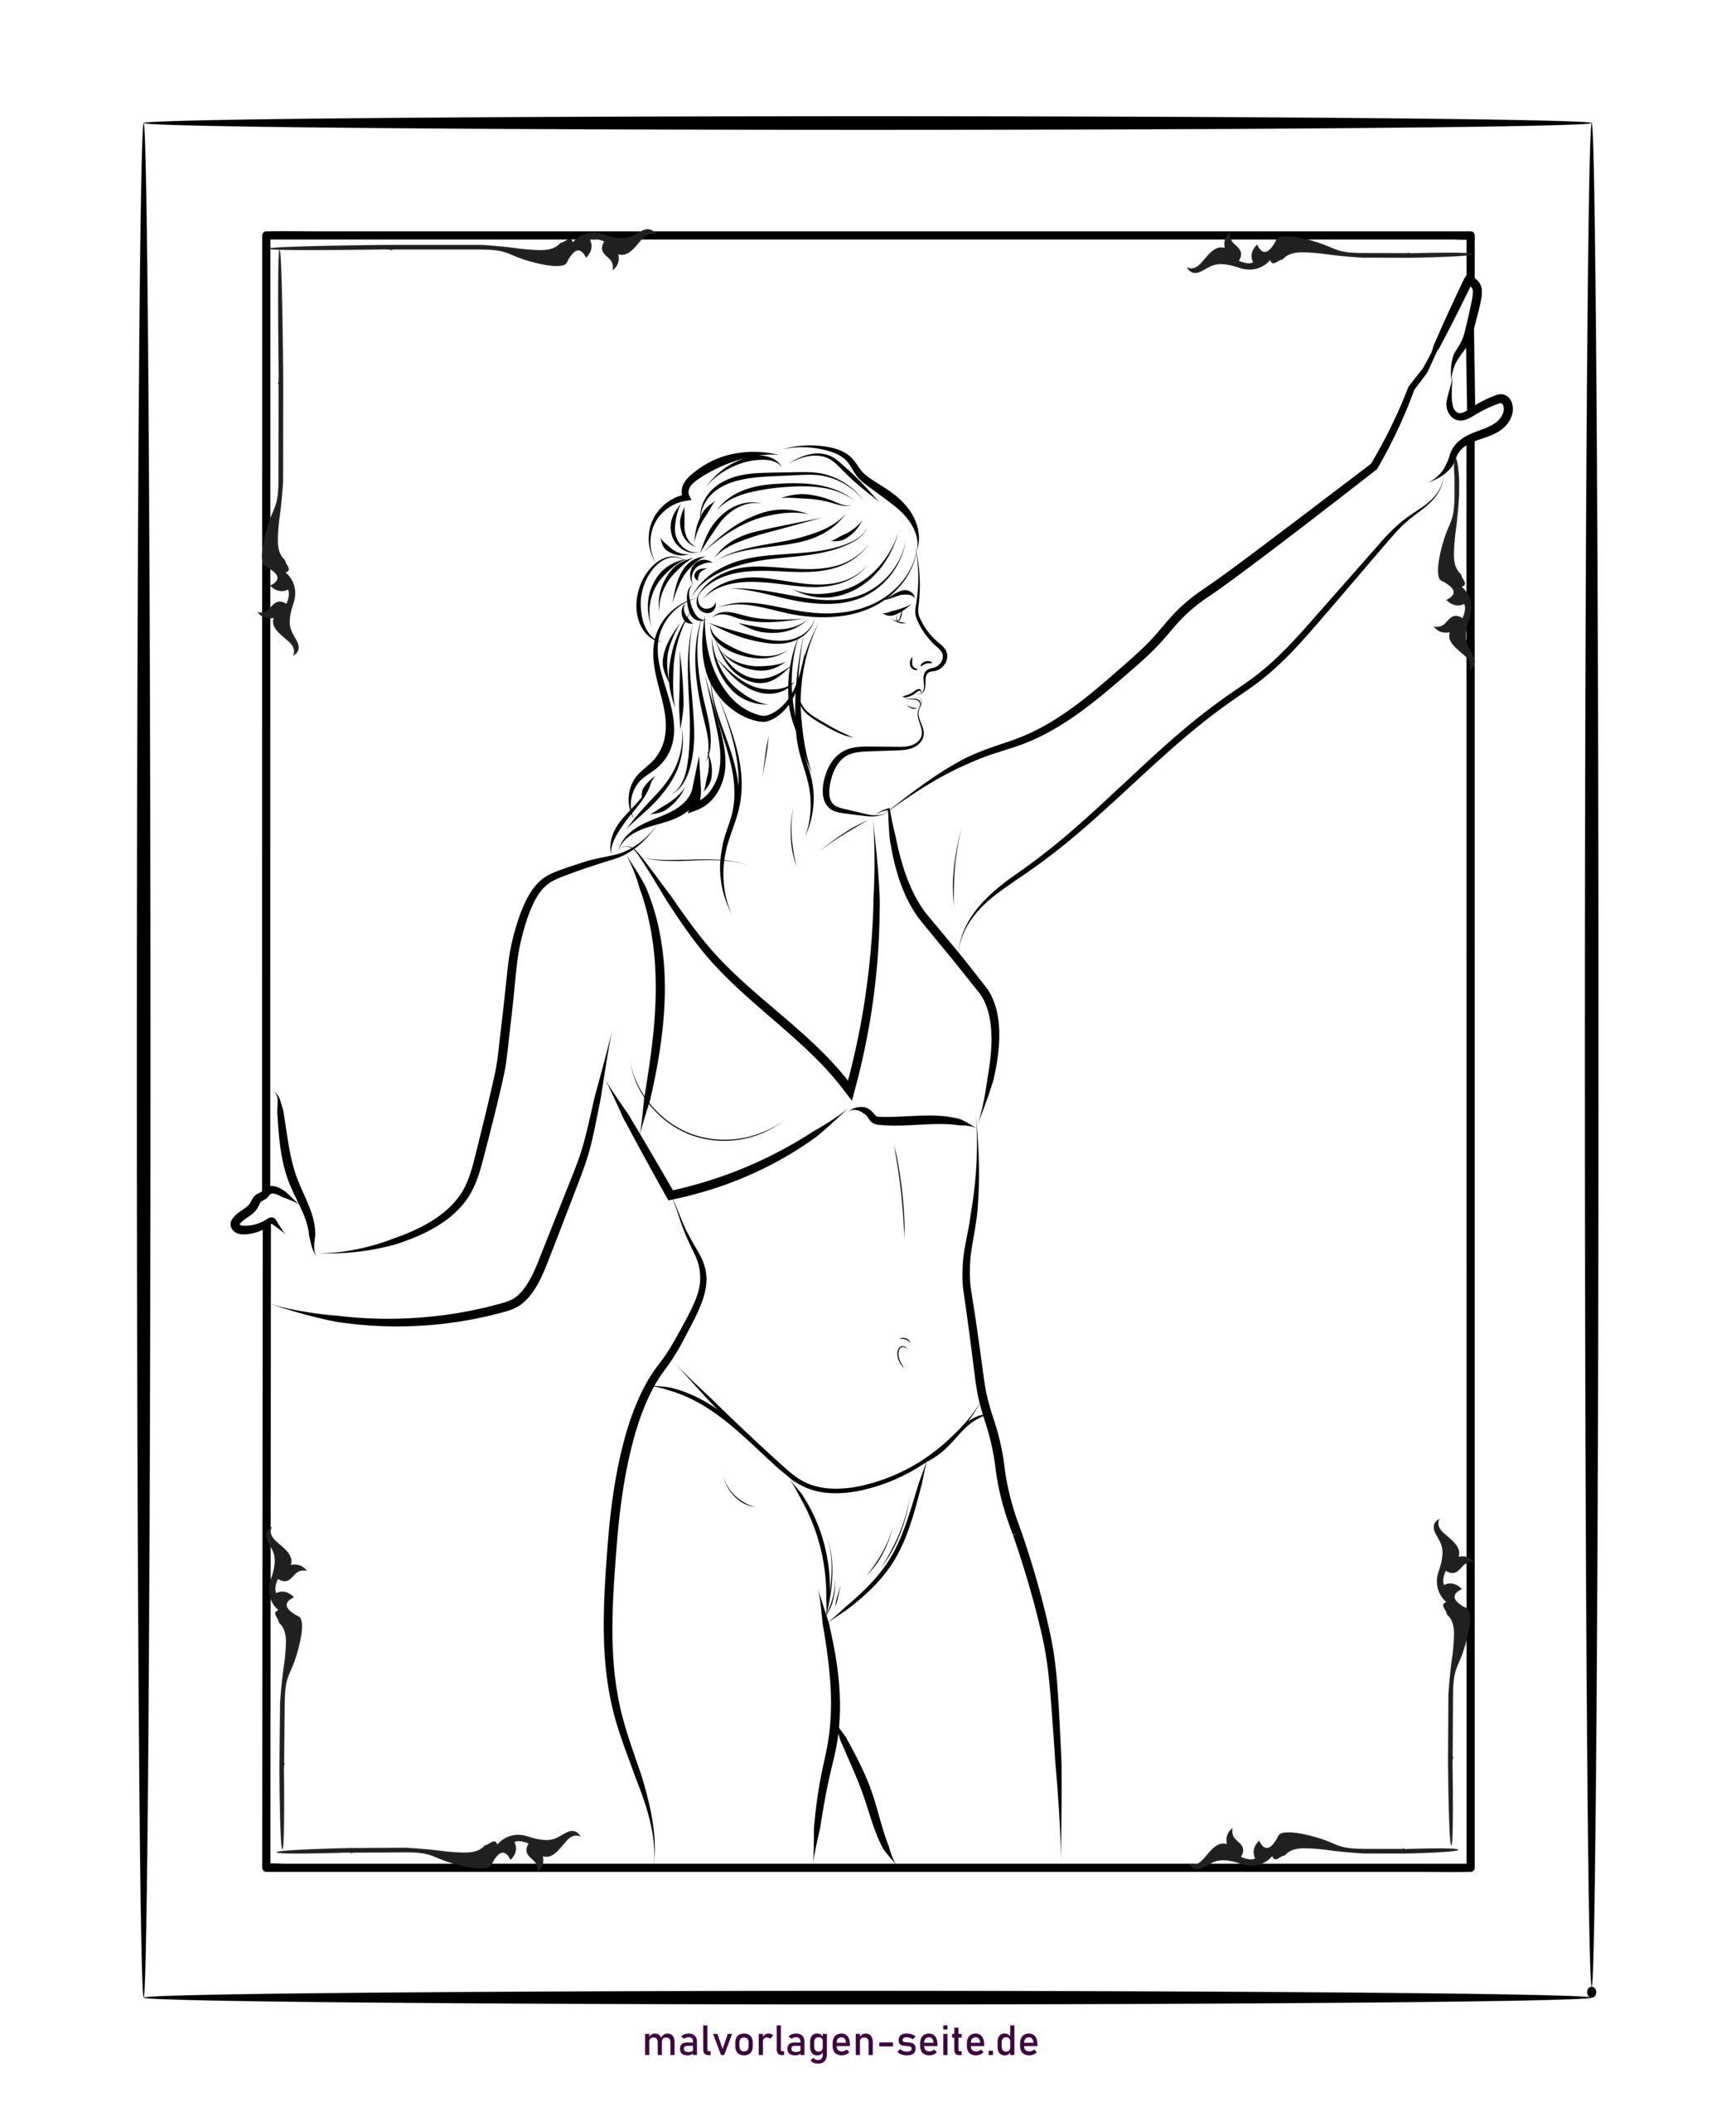 Зургийн хүрээн дэх эмэгтэй хуудсыг будах